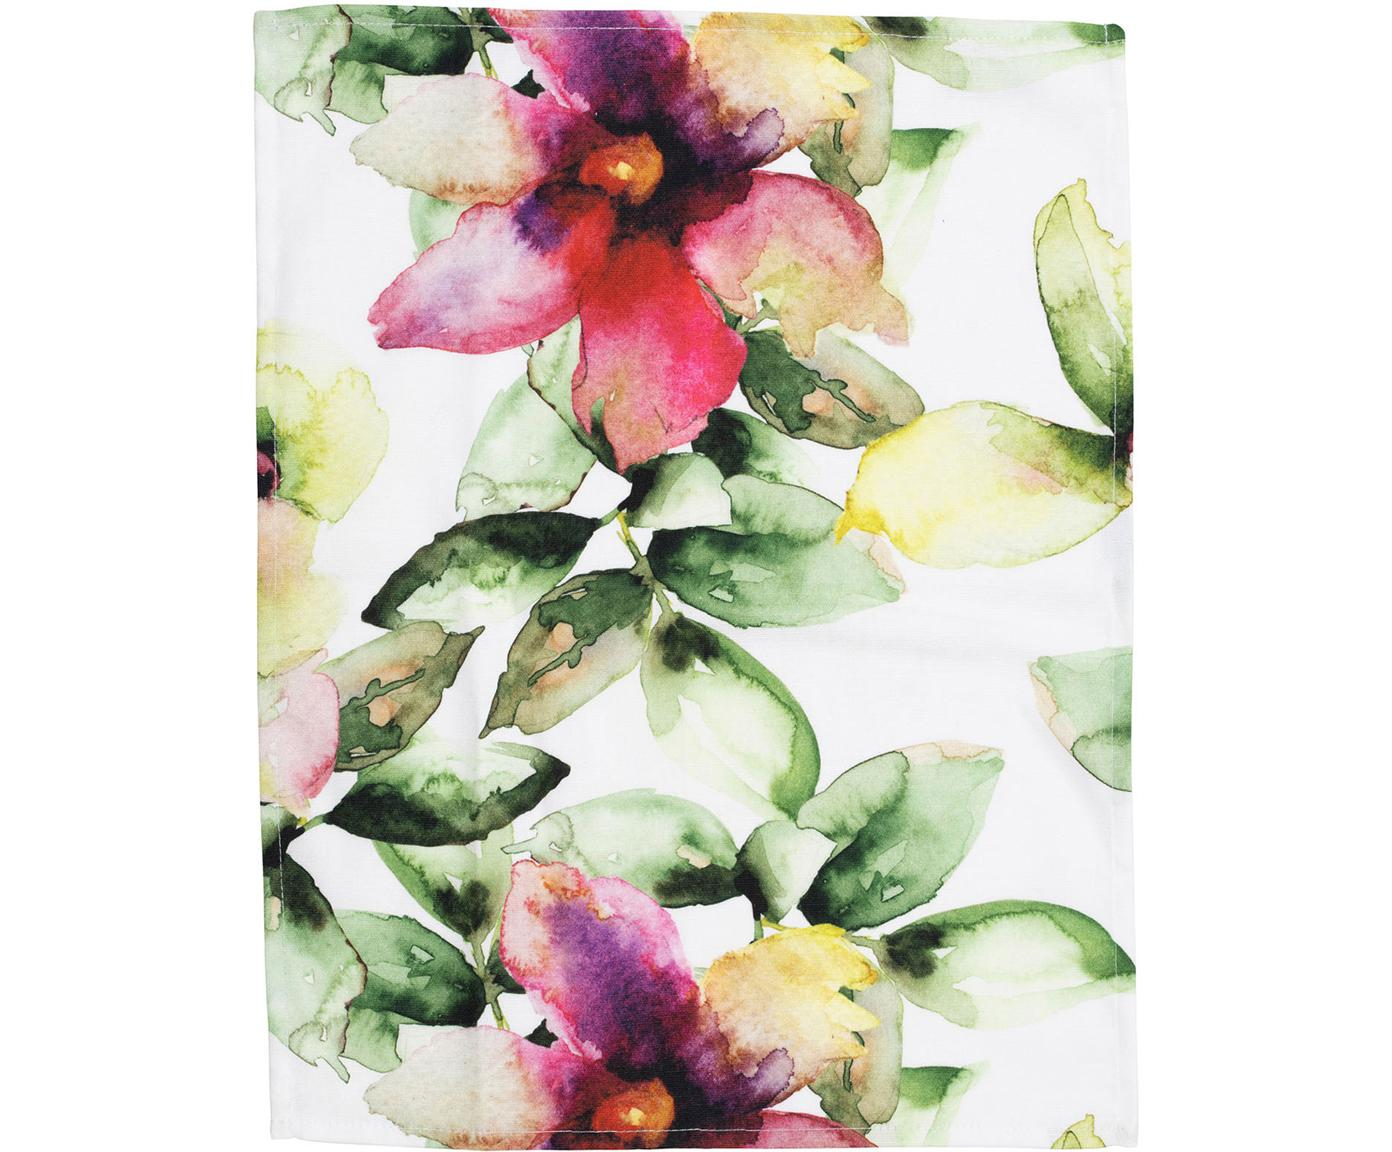 Ręcznik kuchenny Floreale, 2 szt., Bawełna, Blady różowy, zielony, S 50 x D 70 cm